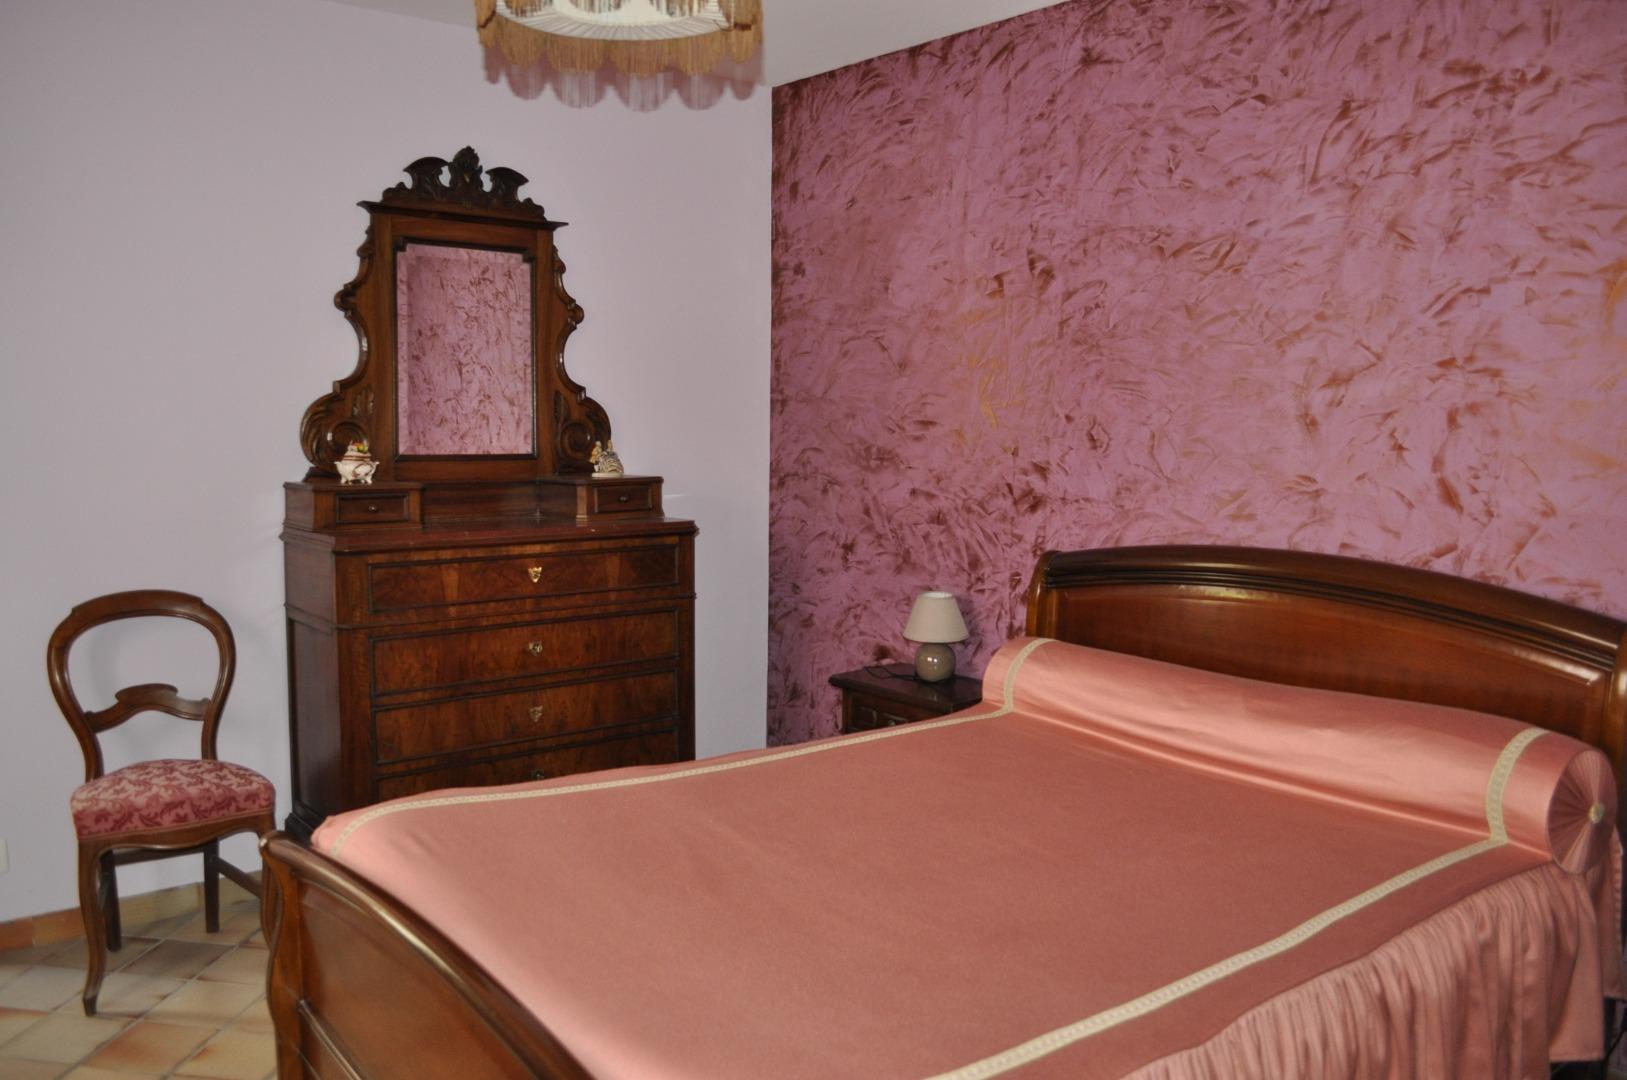 Chambre d'hôte spacieuse pour couple à Ludon-Médoc